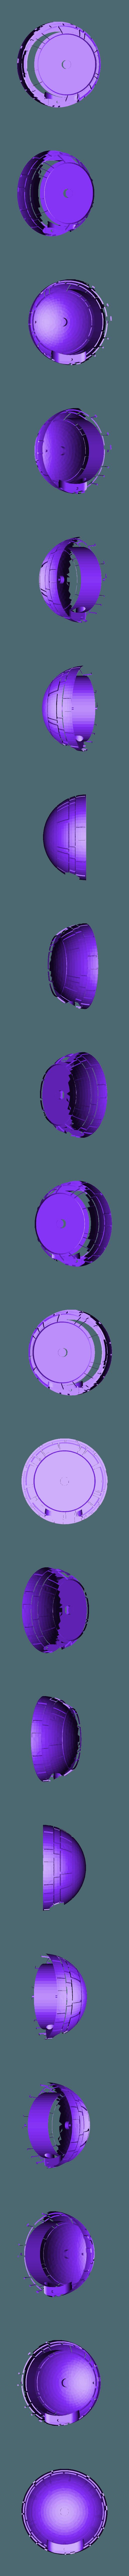 Bottom.stl Télécharger fichier STL gratuit Echo Dot 2 Stand de l'étoile de la mort • Objet à imprimer en 3D, BigRed3234